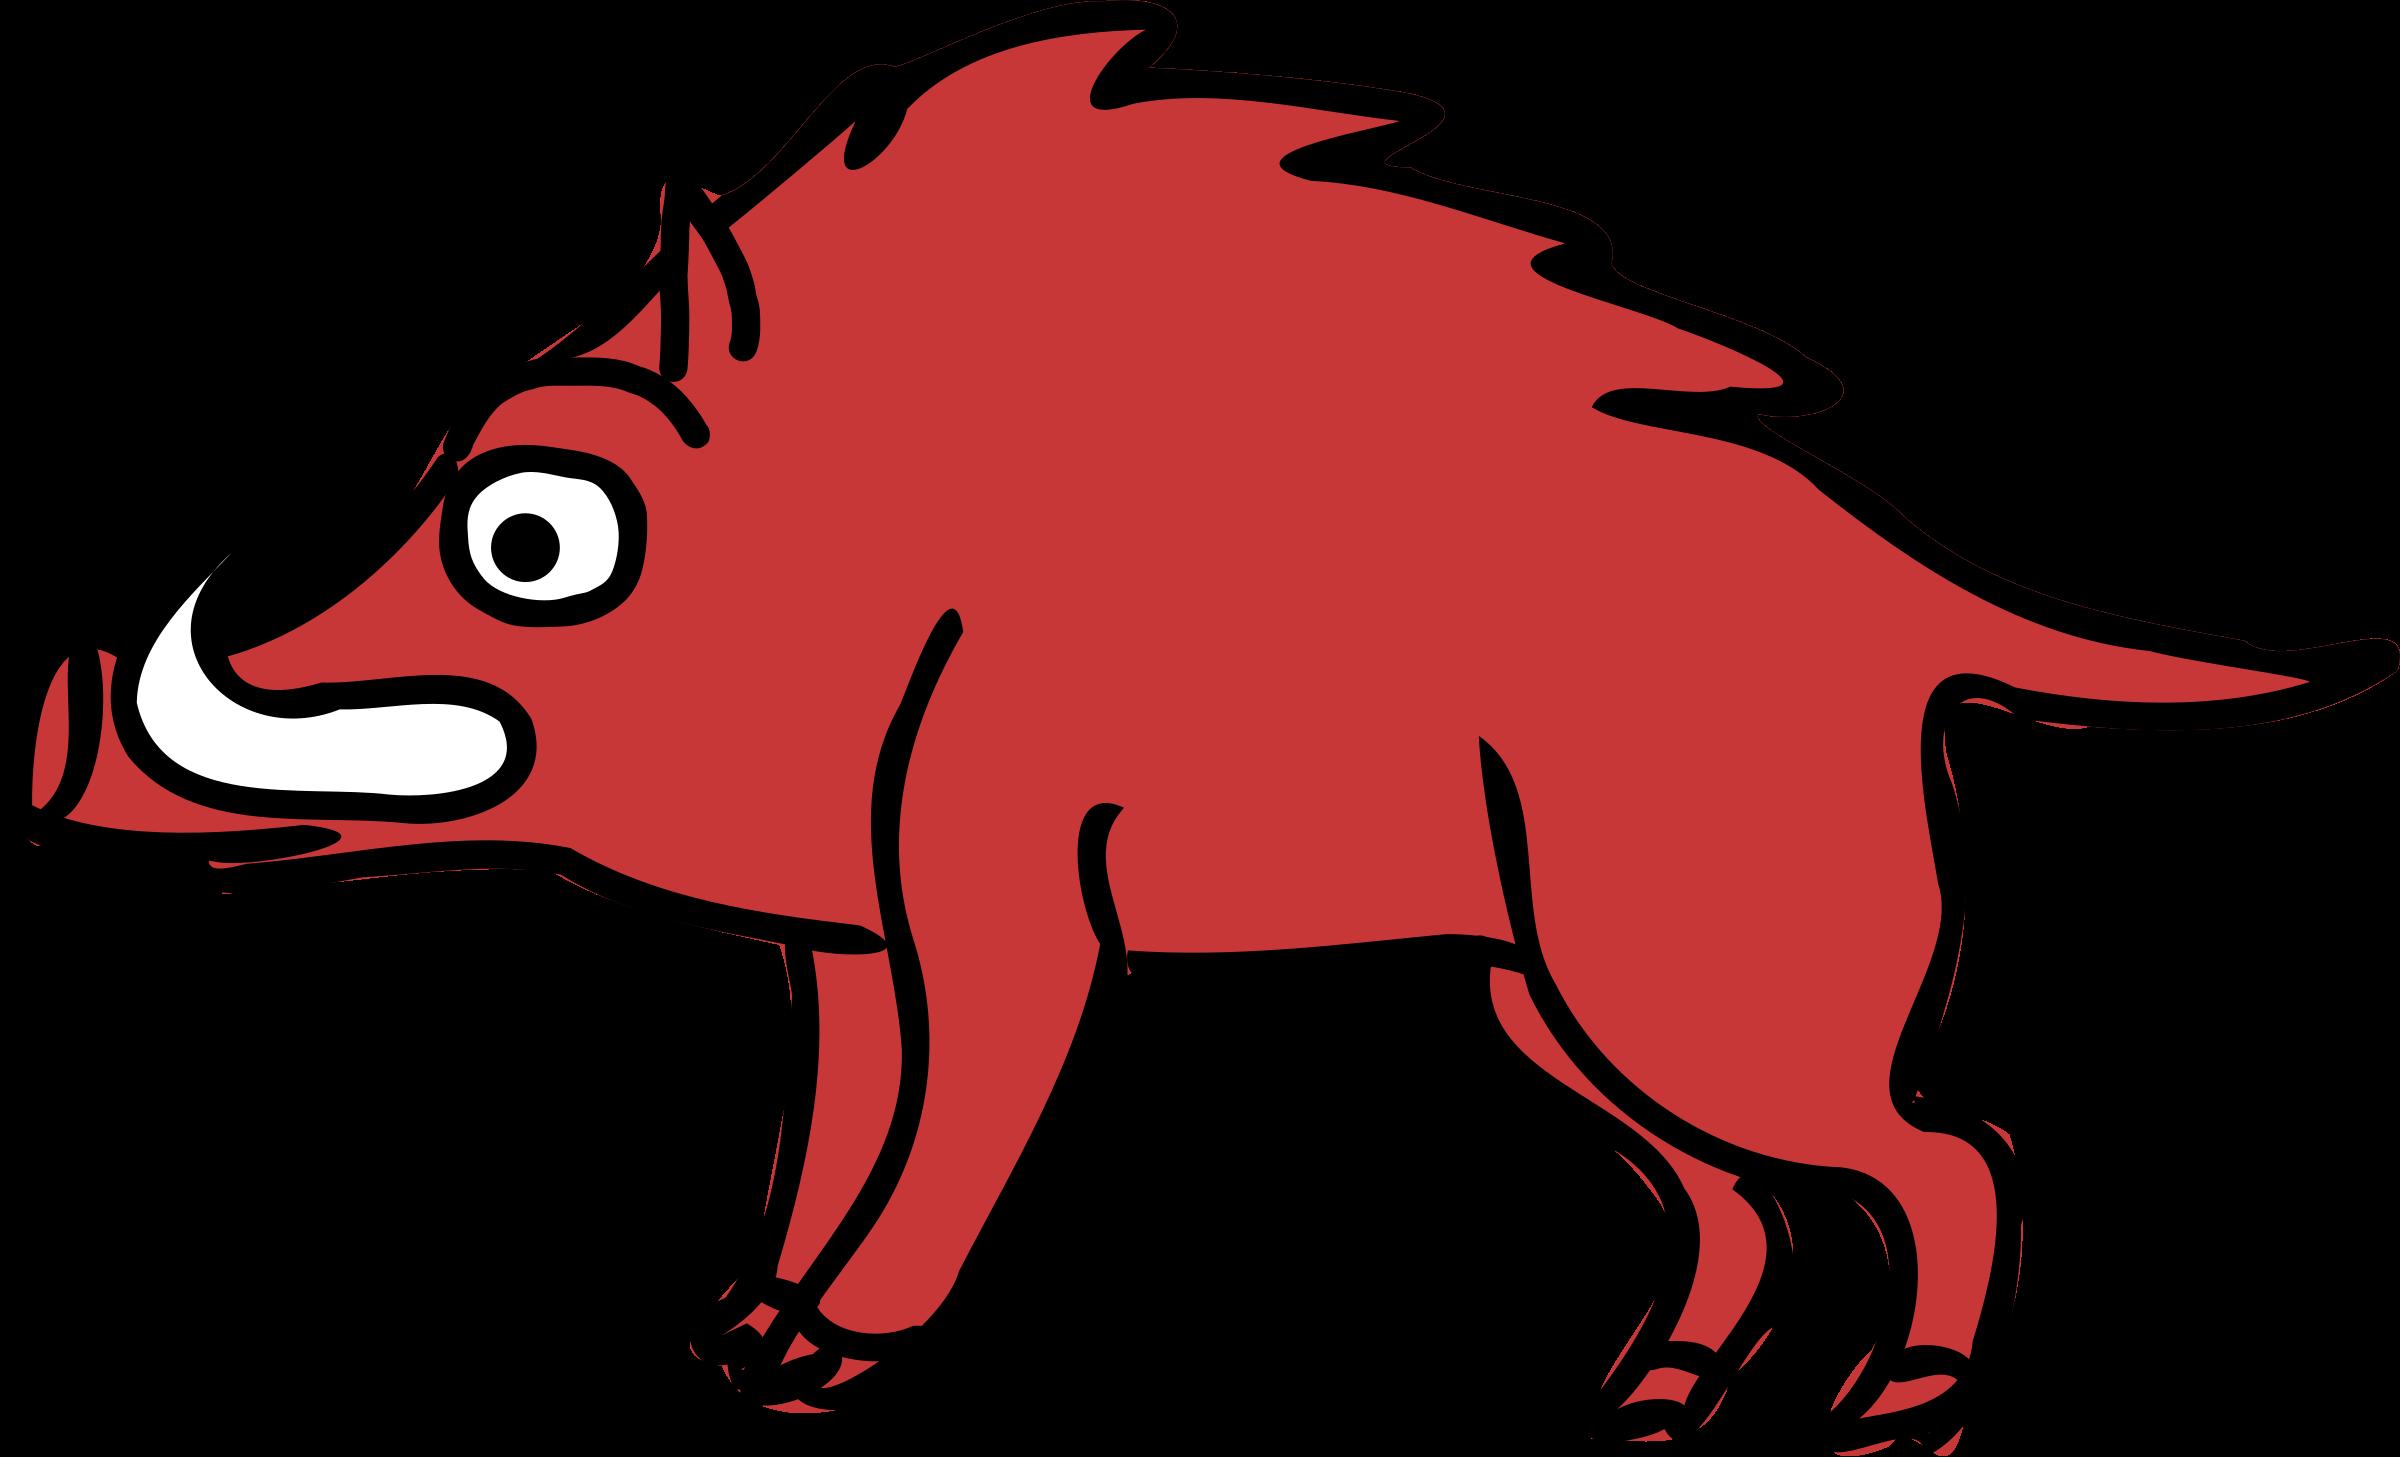 Boar png images free. Hog clipart transparent background